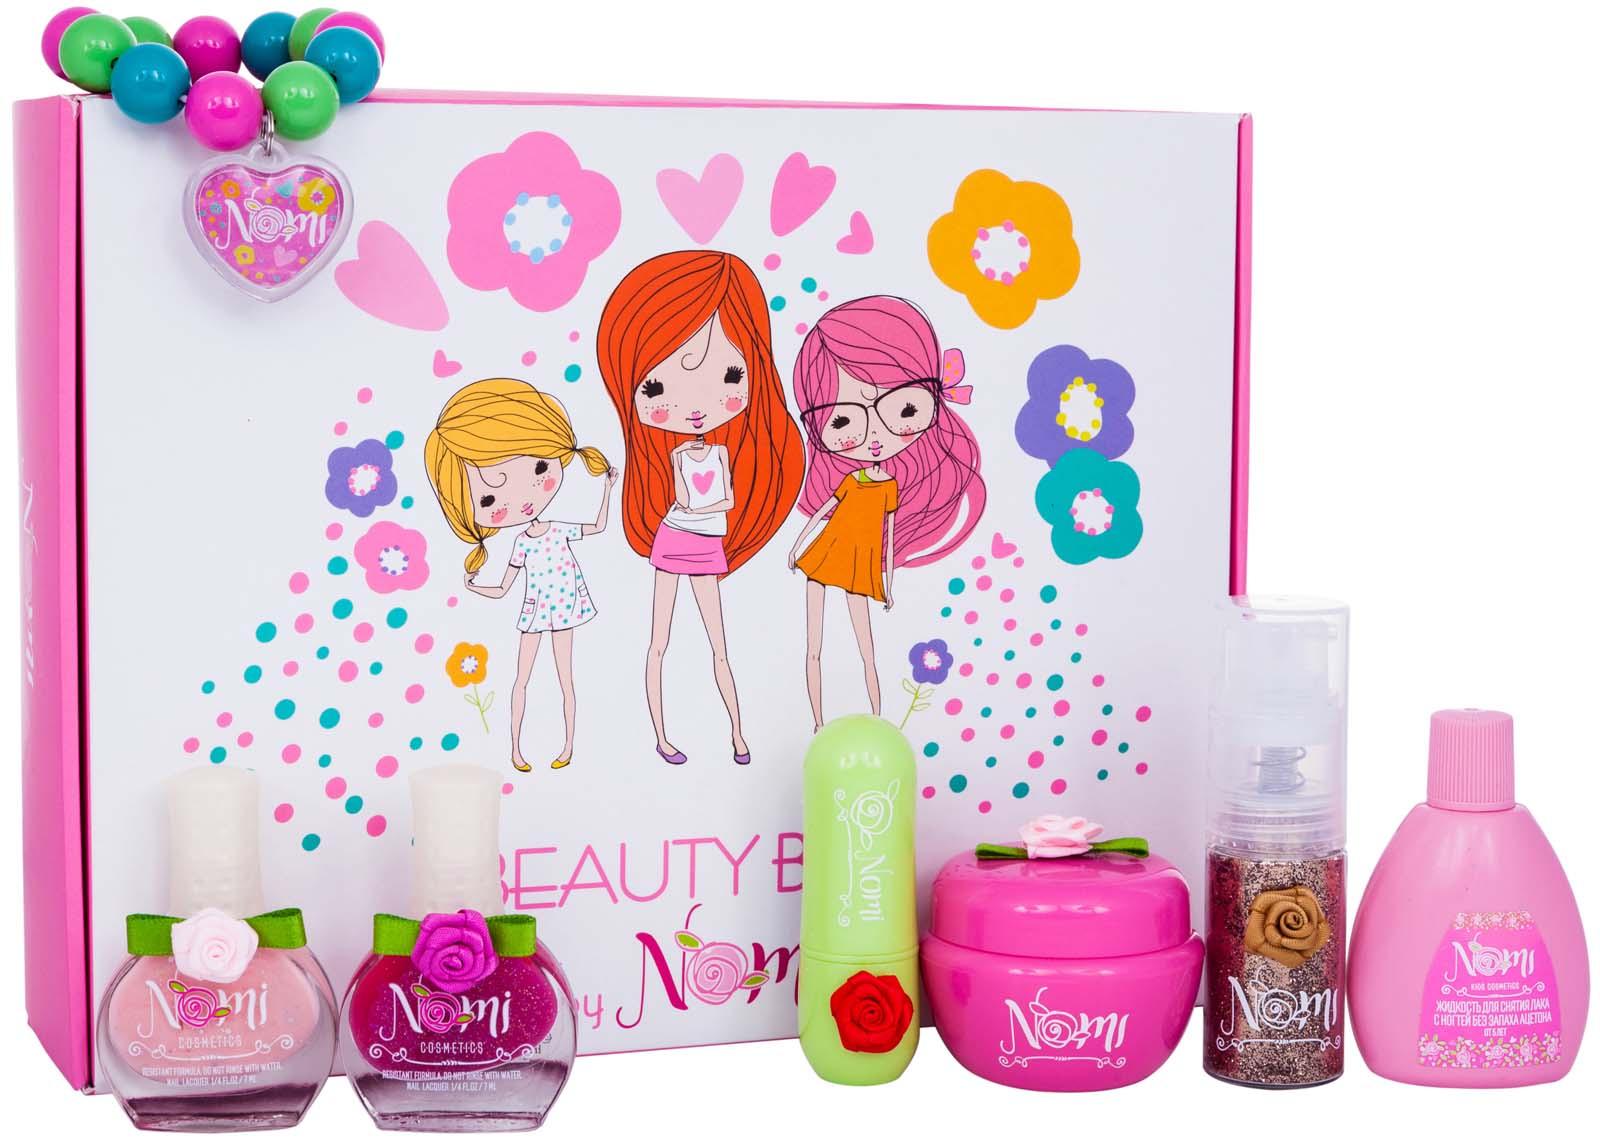 Купить beauty book детская косметика купить косметику margaret astor